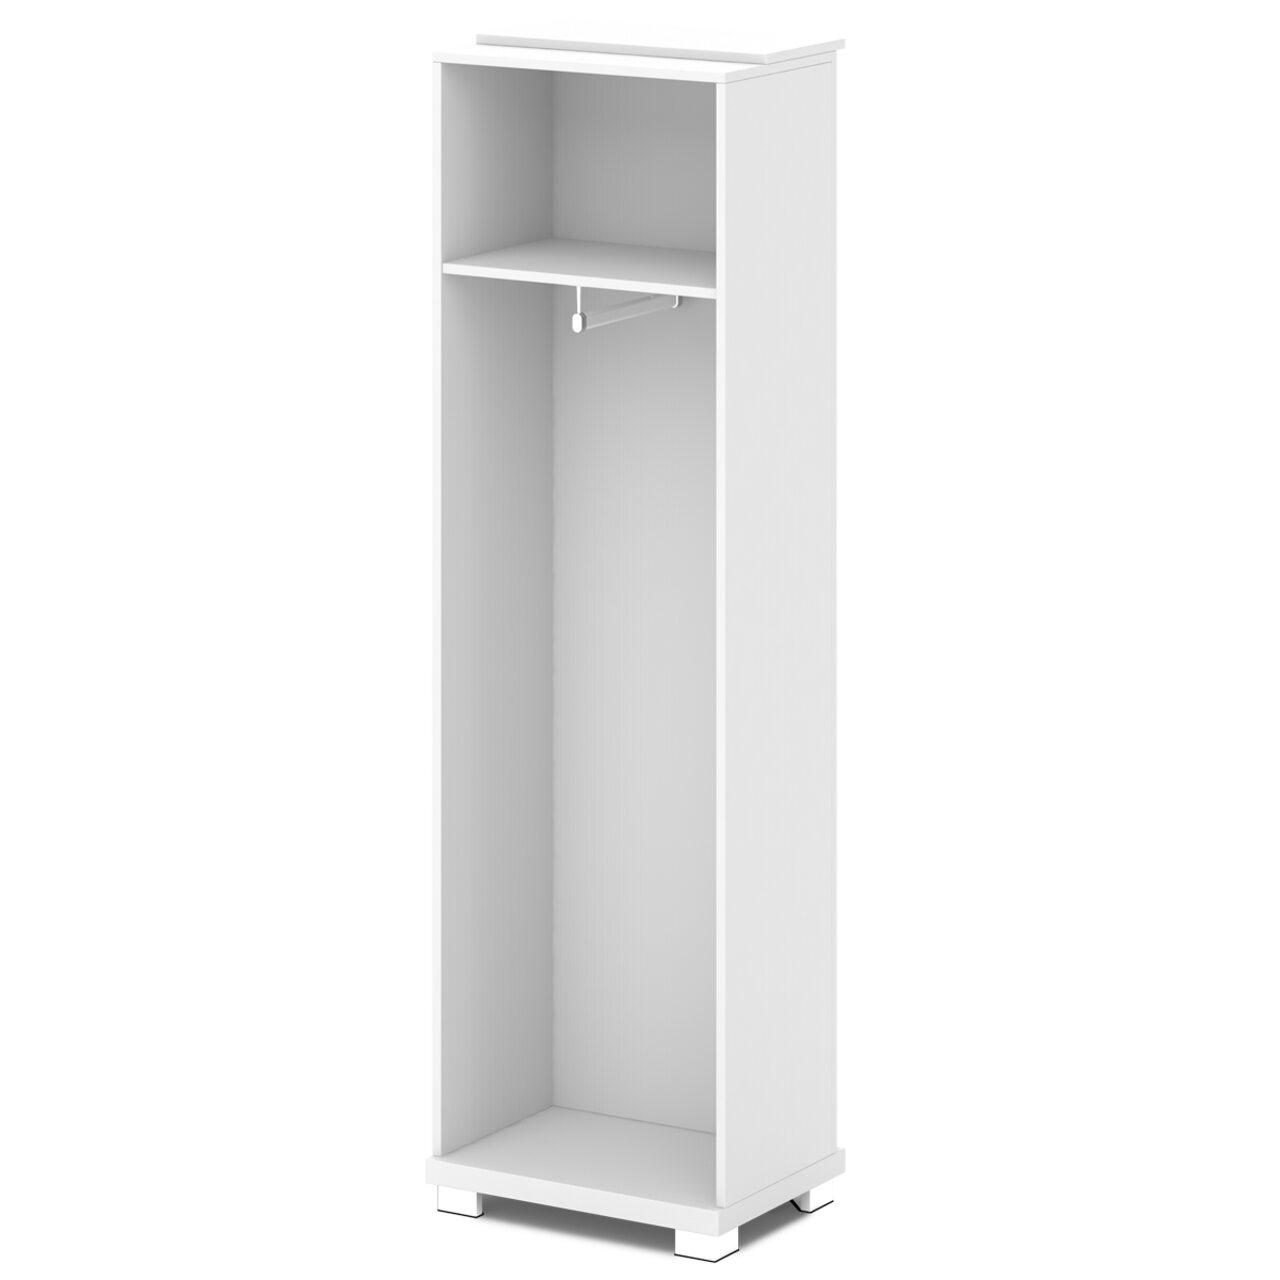 Каркас шкафа для одежды центральный  GRACE 60x44x205 - фото 3